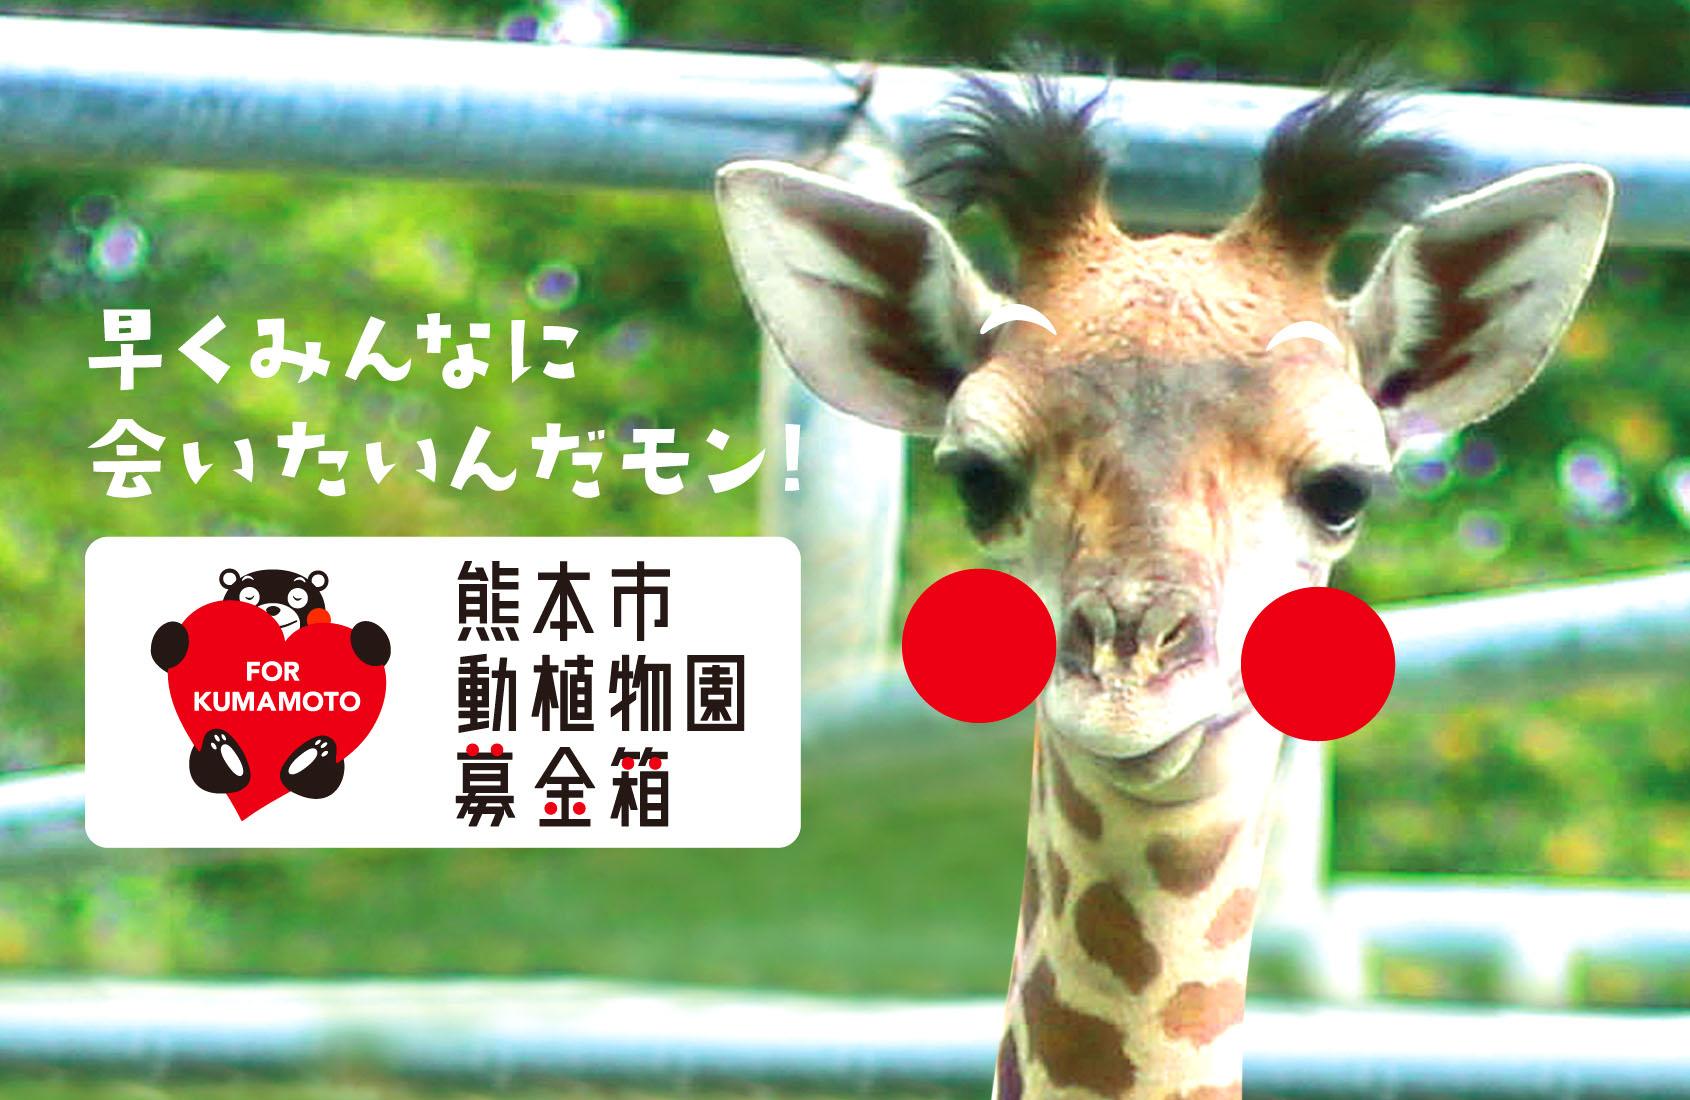 子どもたちの夢と教育の場「熊本市動植物園」にご支援を!!